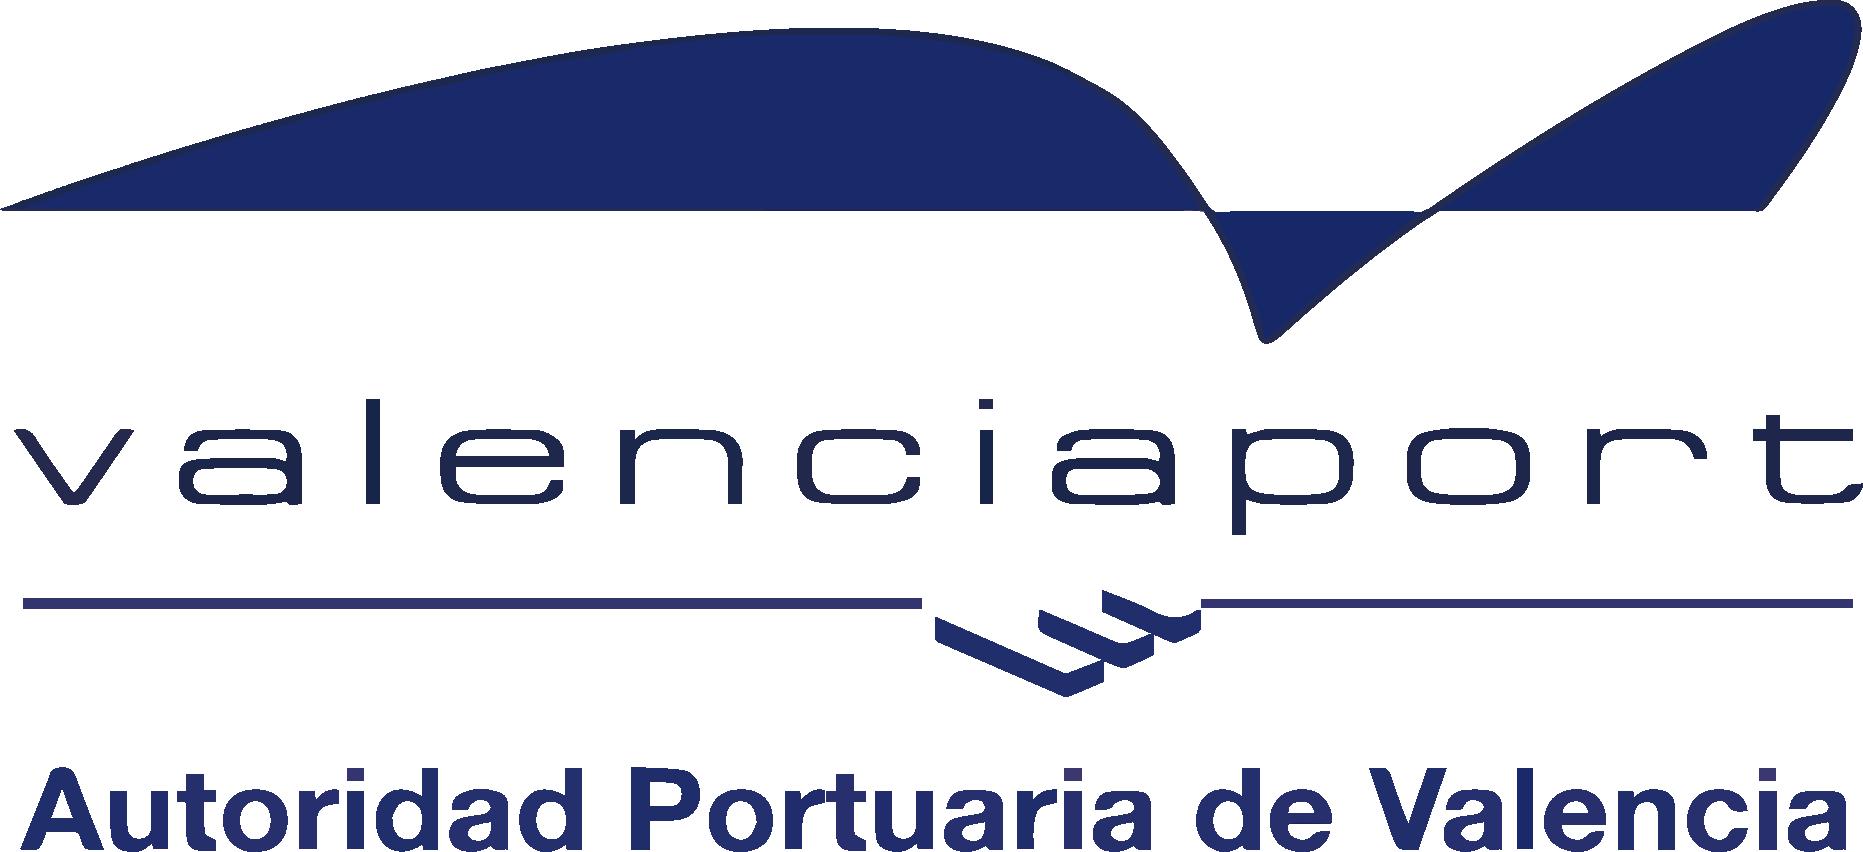 Autoridad Portuaria de València